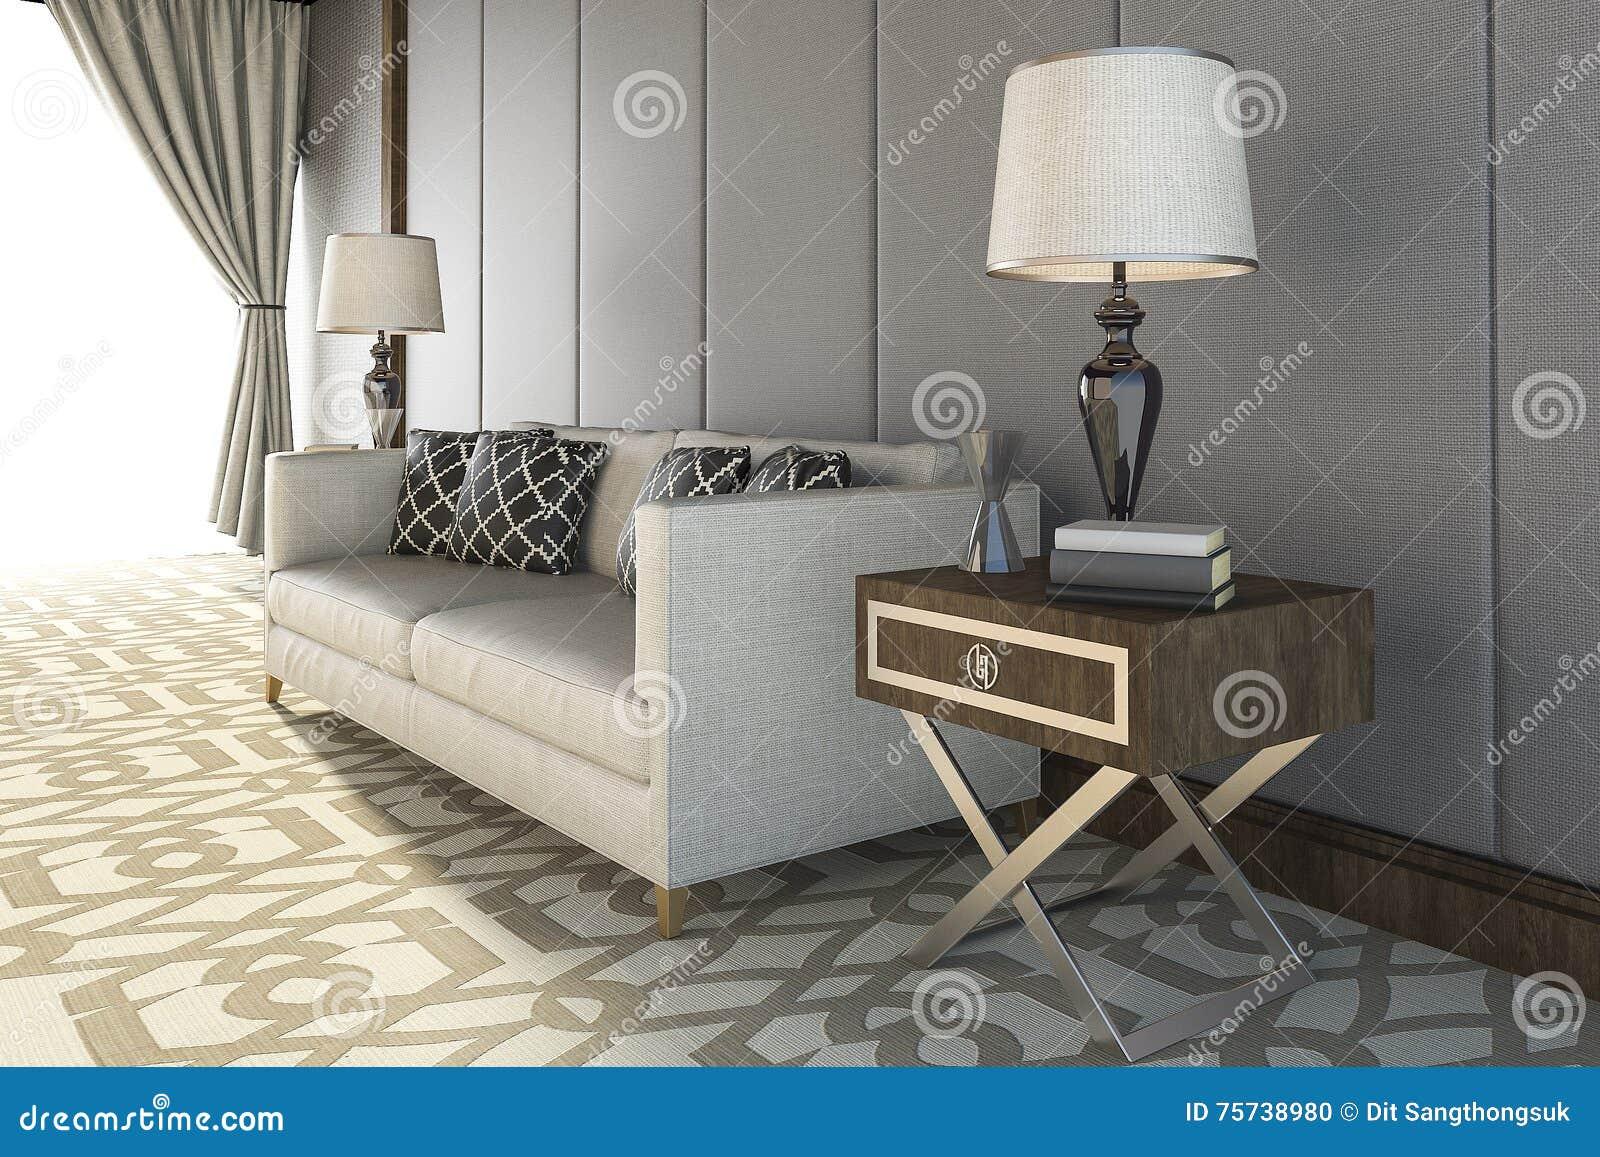 Tapijt In Woonkamer : D het teruggeven mooie witte bank met aardig tapijt in woonkamer